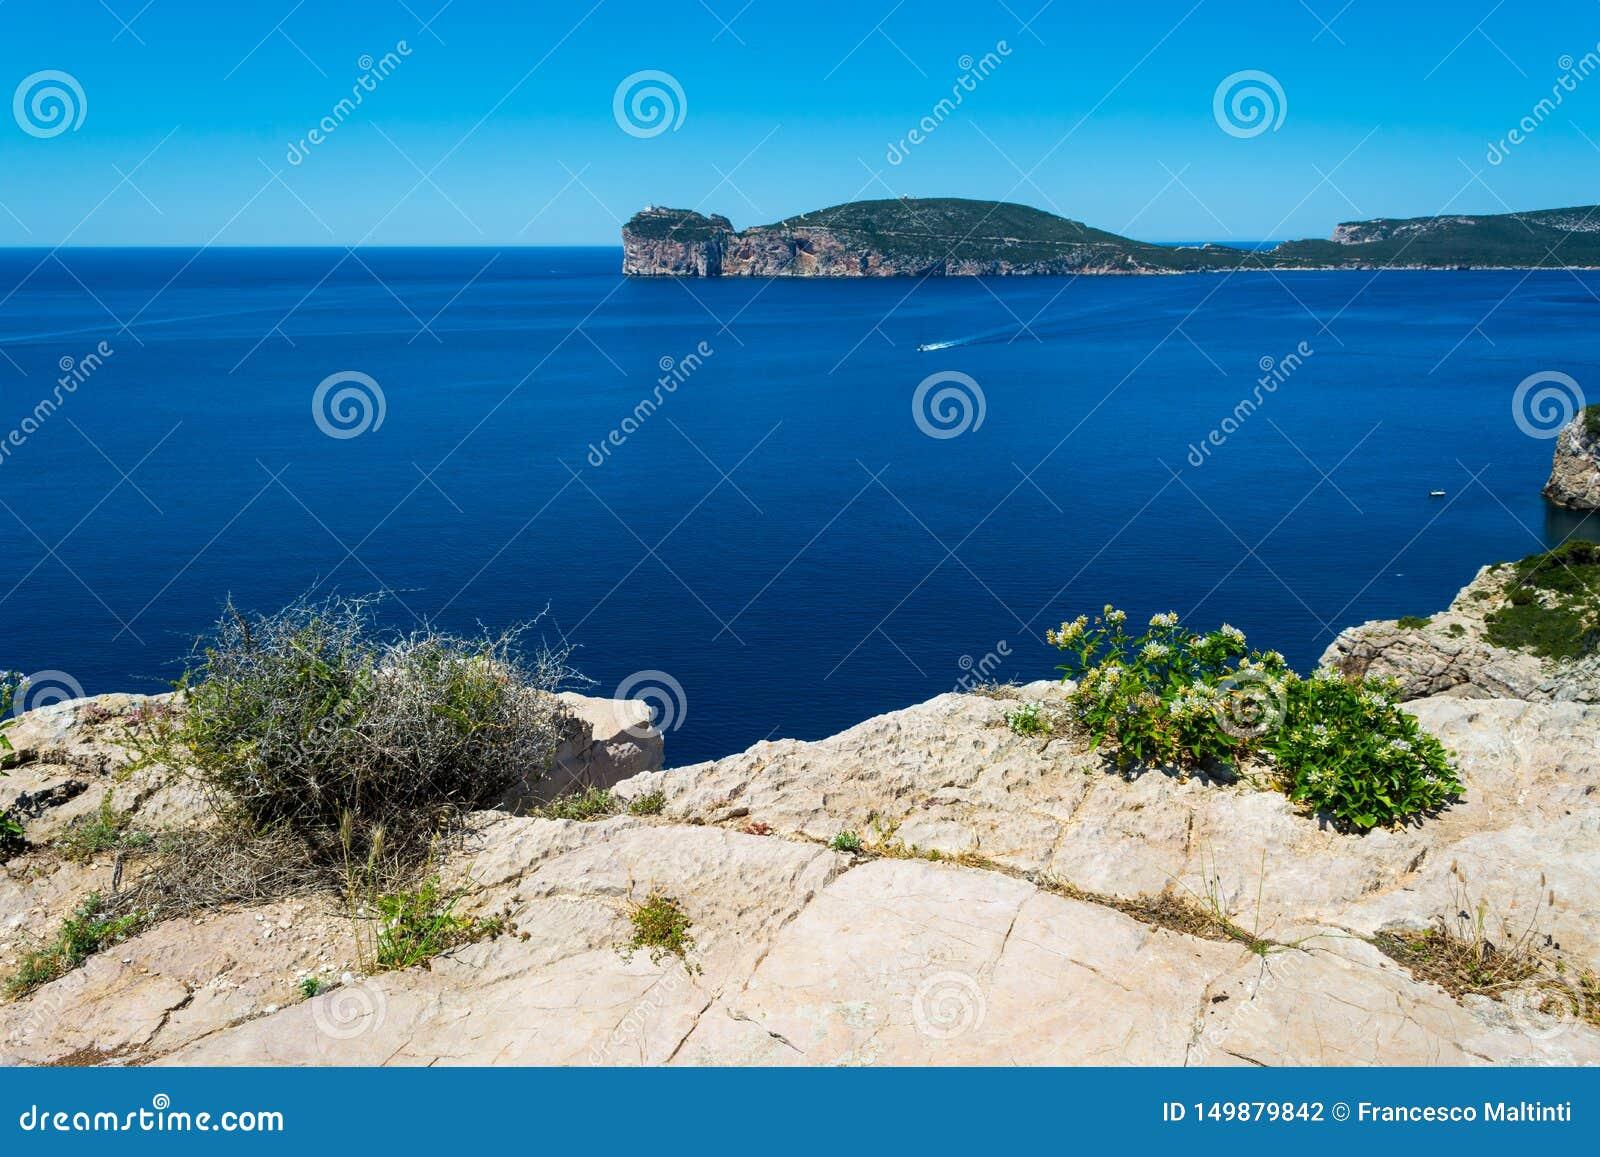 Paysage de la côte du capo Caccia, en Sardaigne